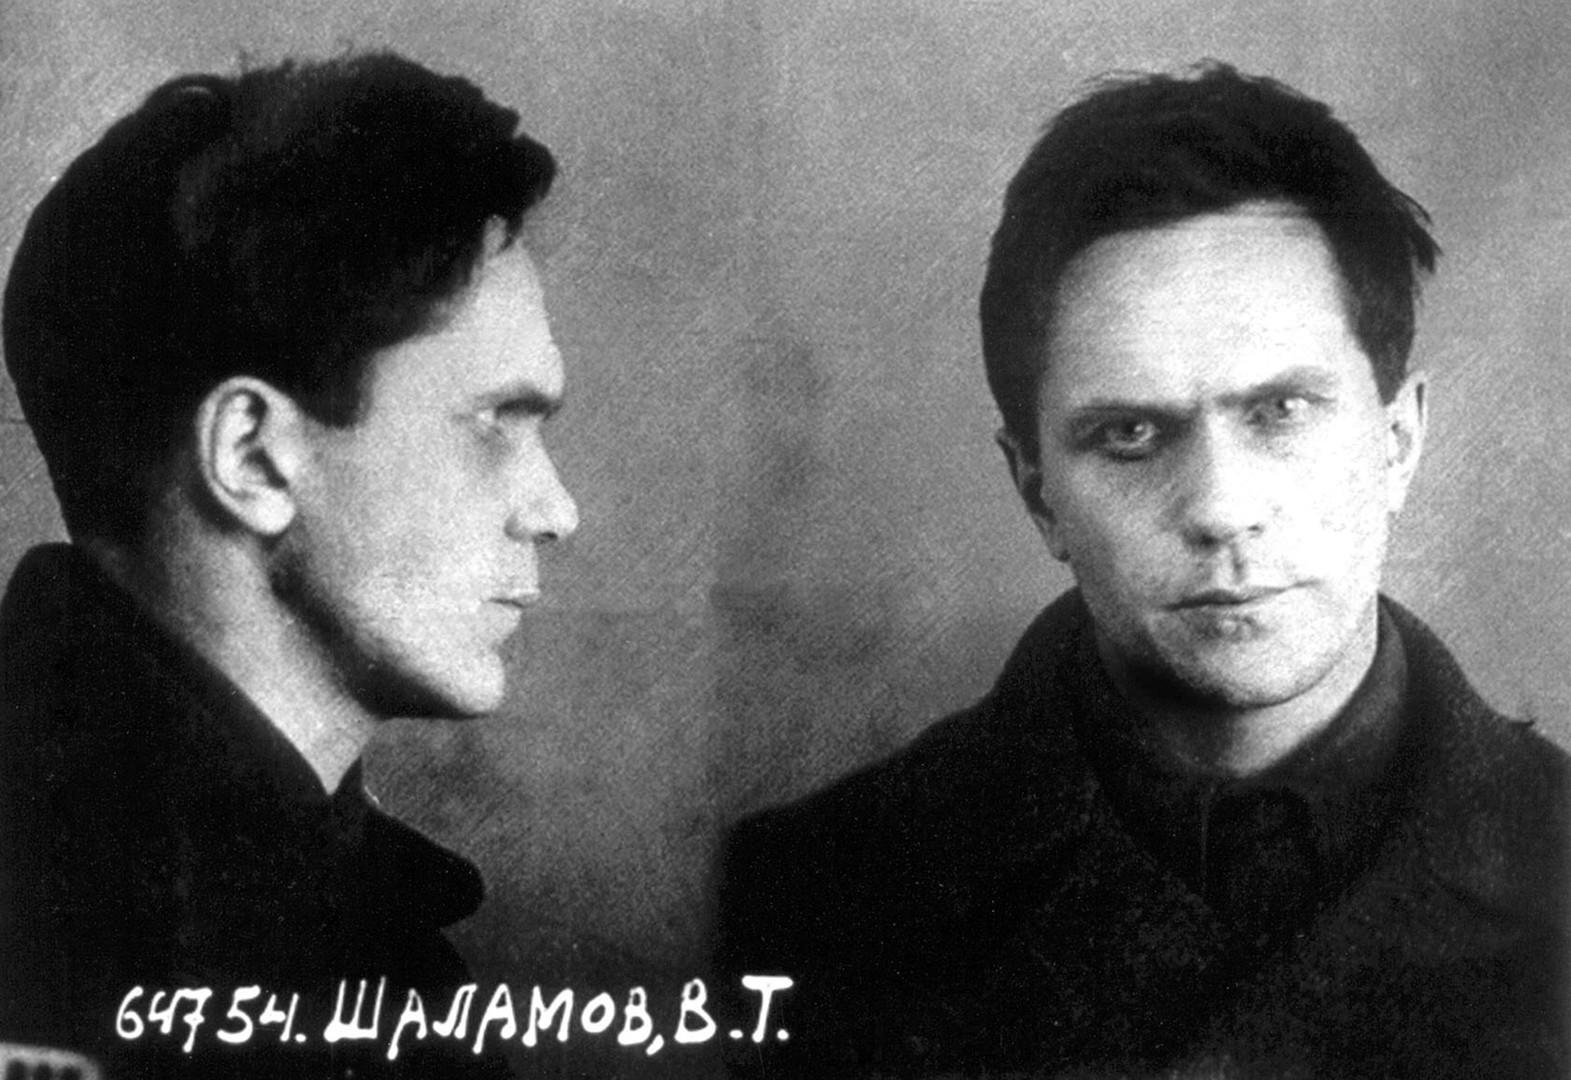 осије Варлама Шаламова након хапшења 1937. године.